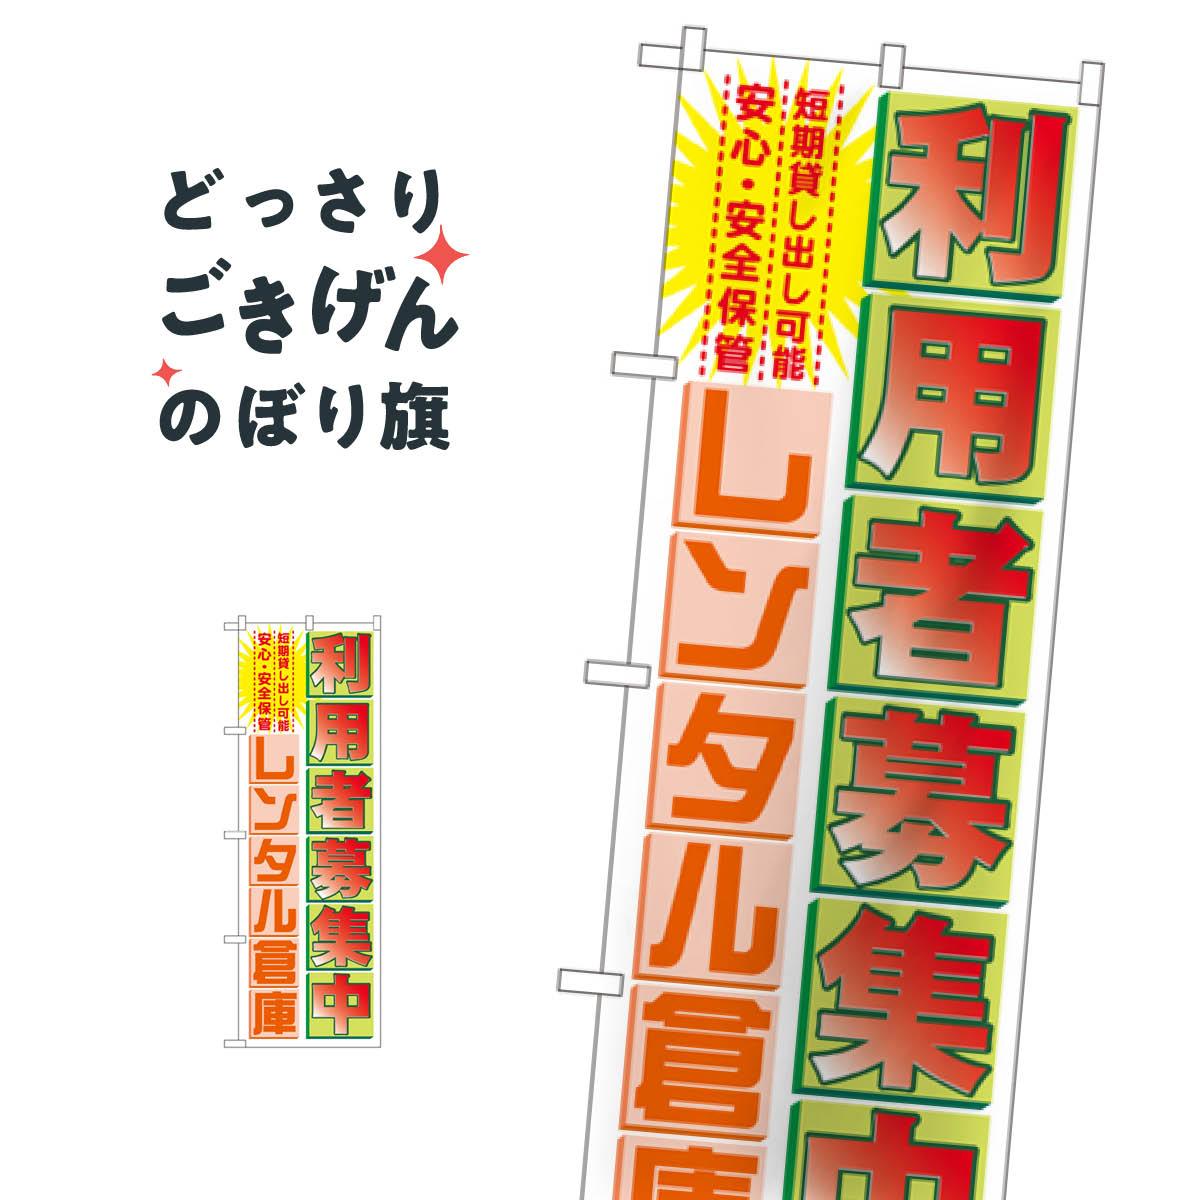 レンタル倉庫 のぼり旗 GNB-1986 貸し物件